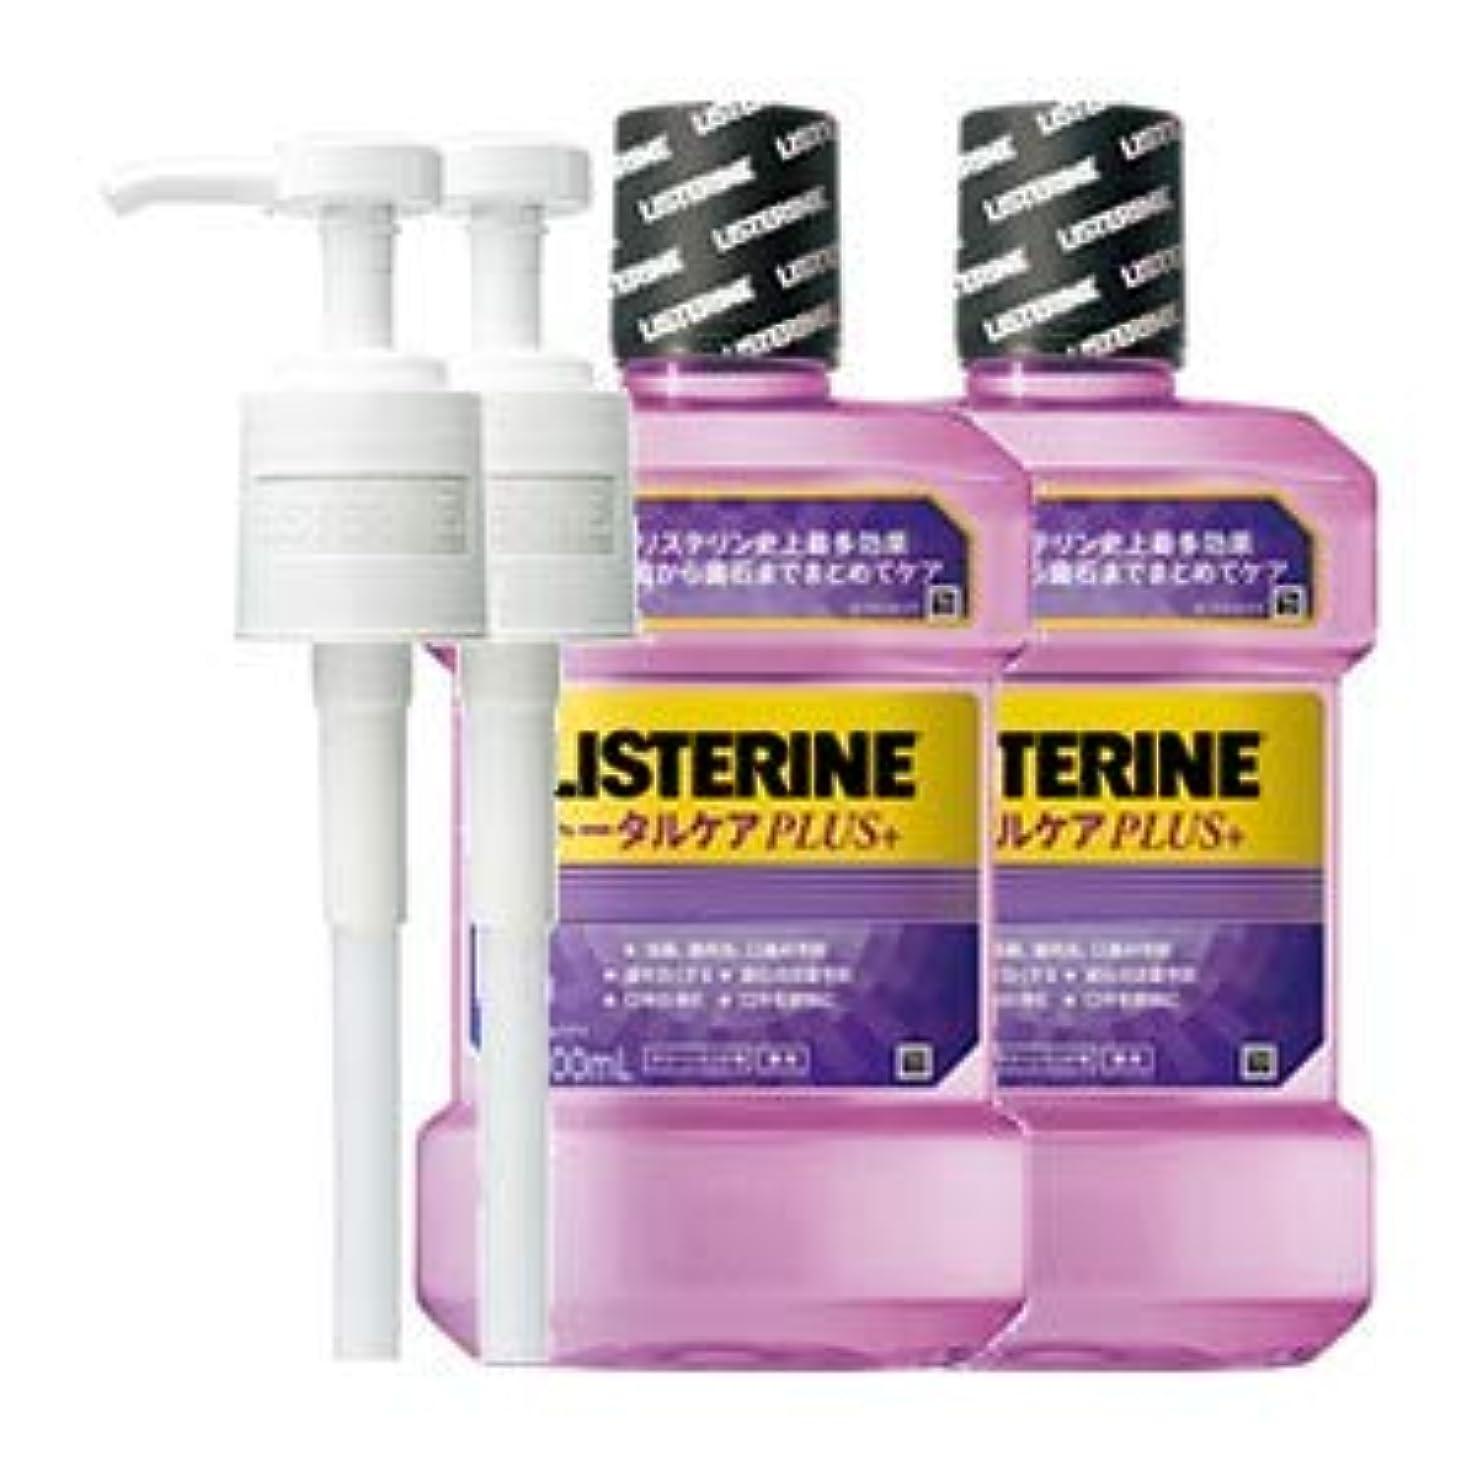 胃聖なるタック薬用リステリン トータルケアプラス (液体歯磨) 1000mL 2点セット (ポンプ付)